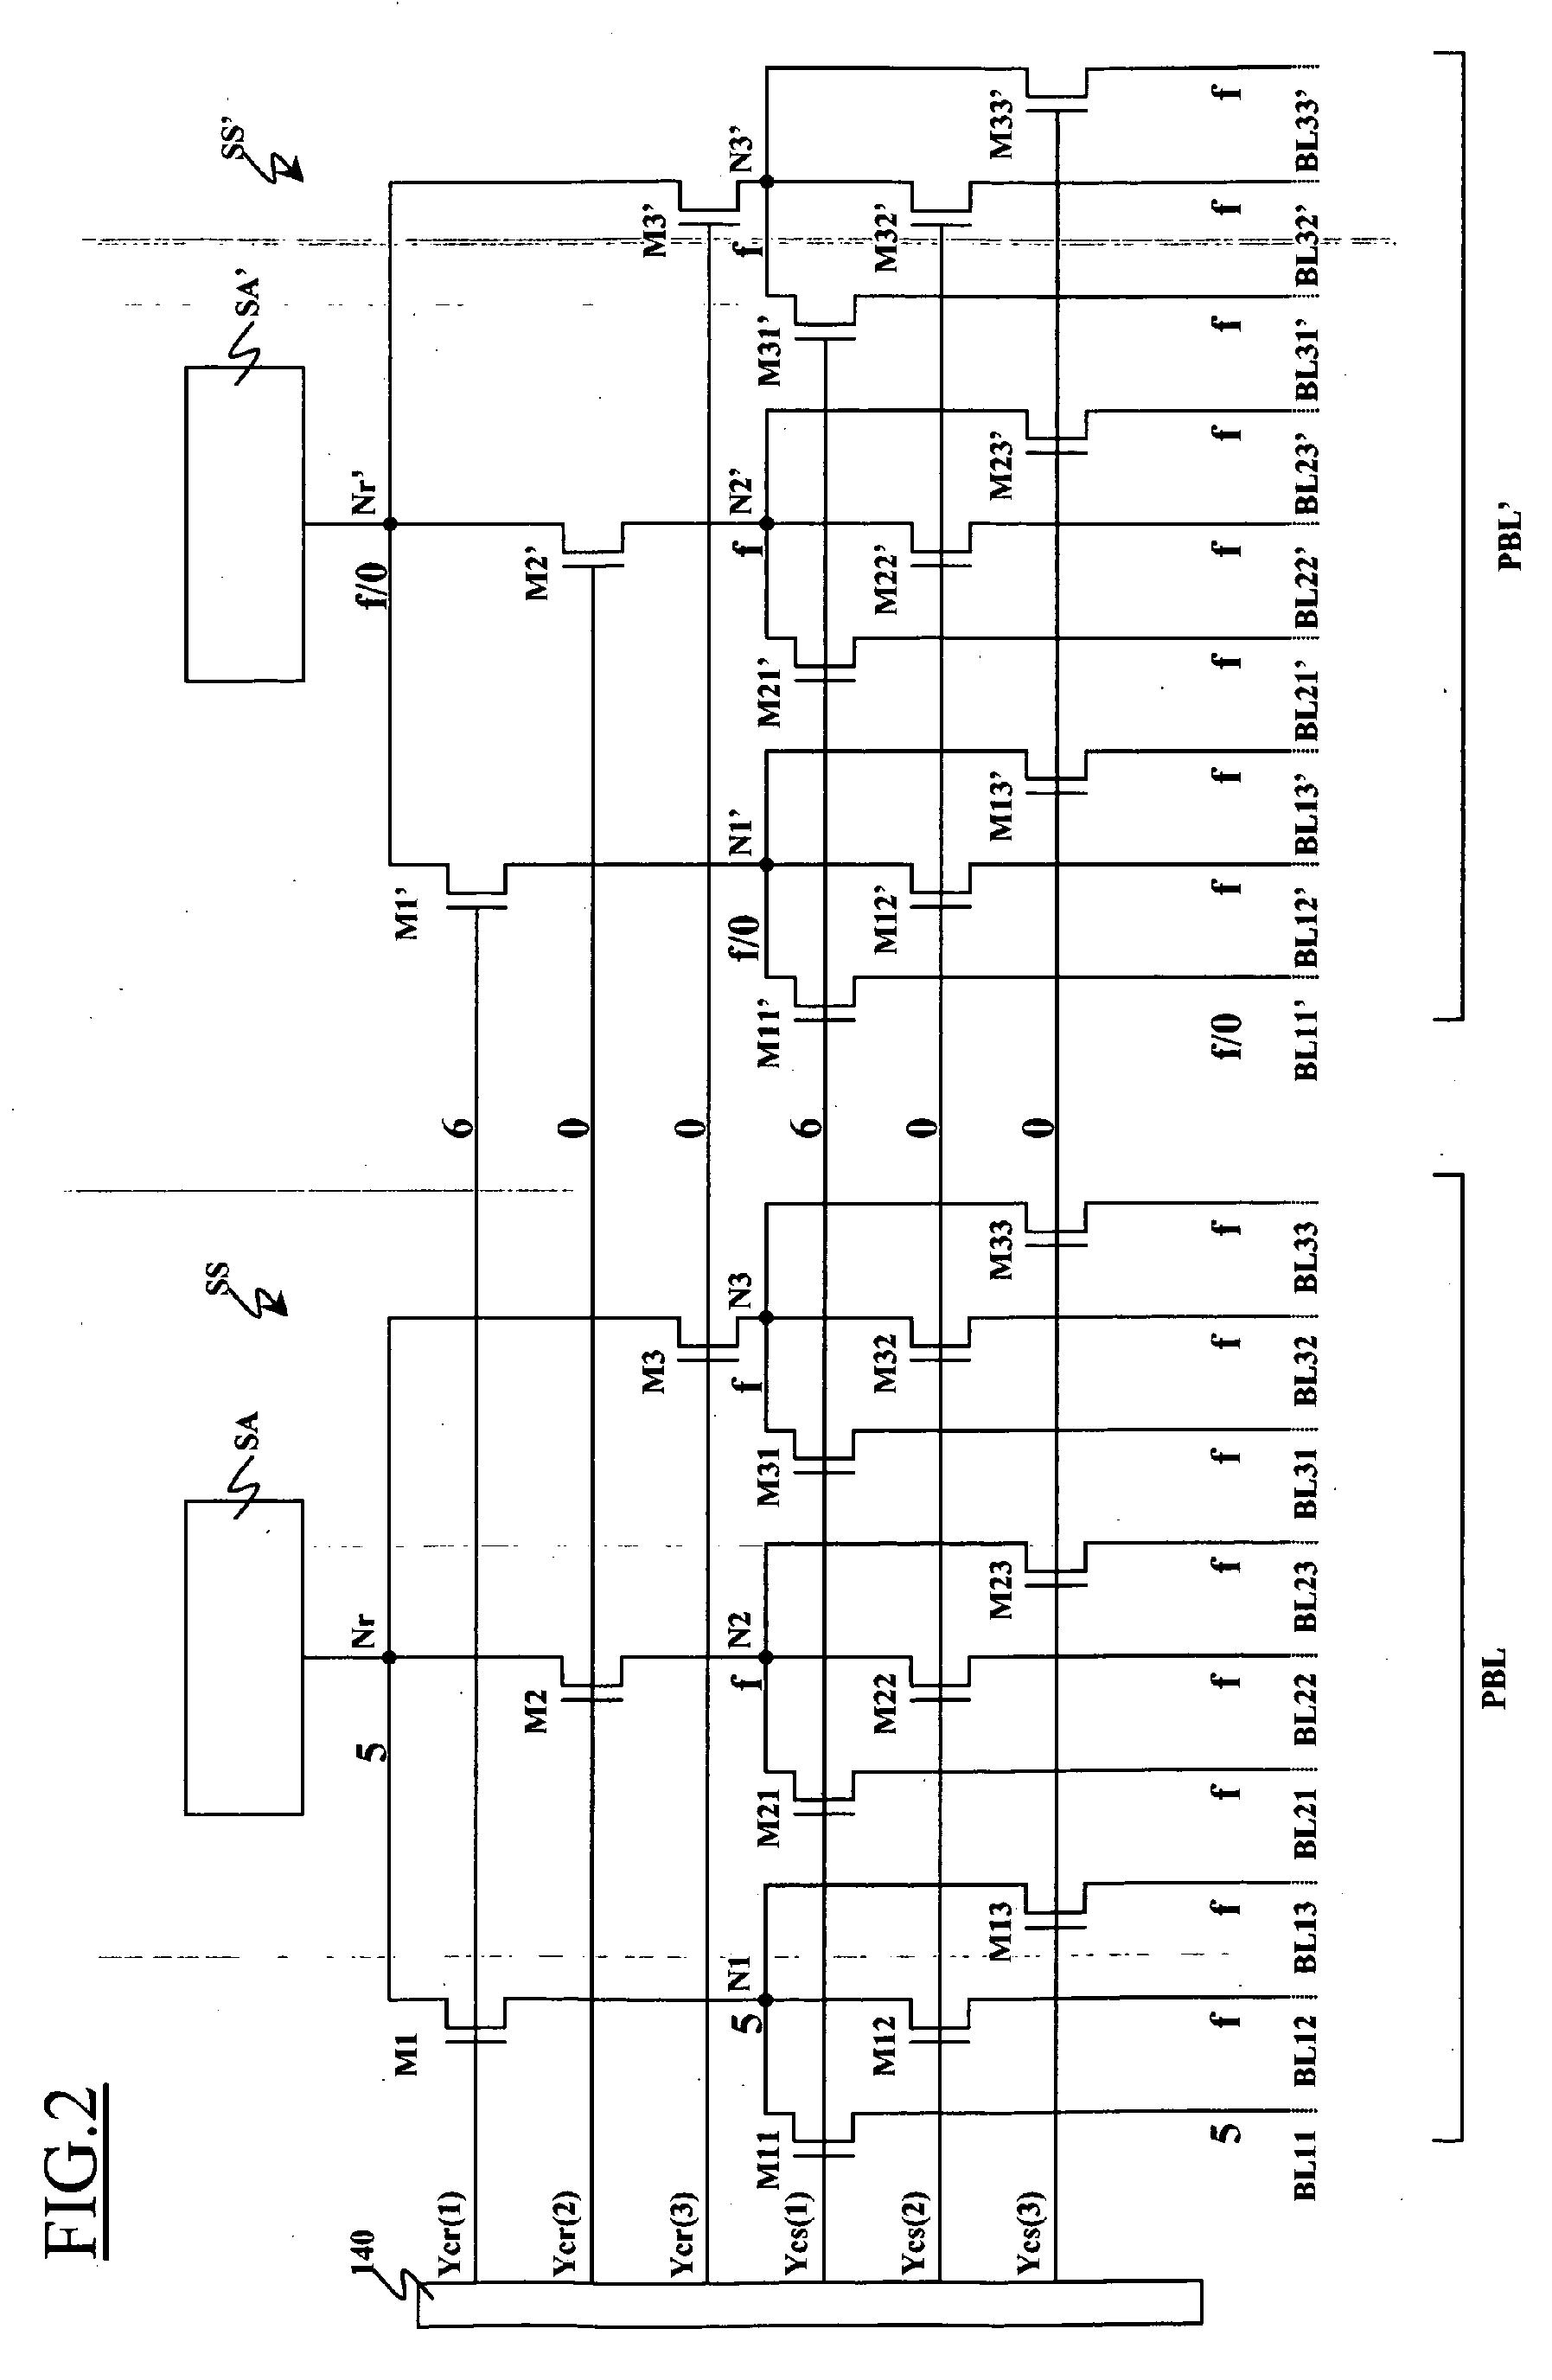 专利ep1845532b1 - a column decoding system for